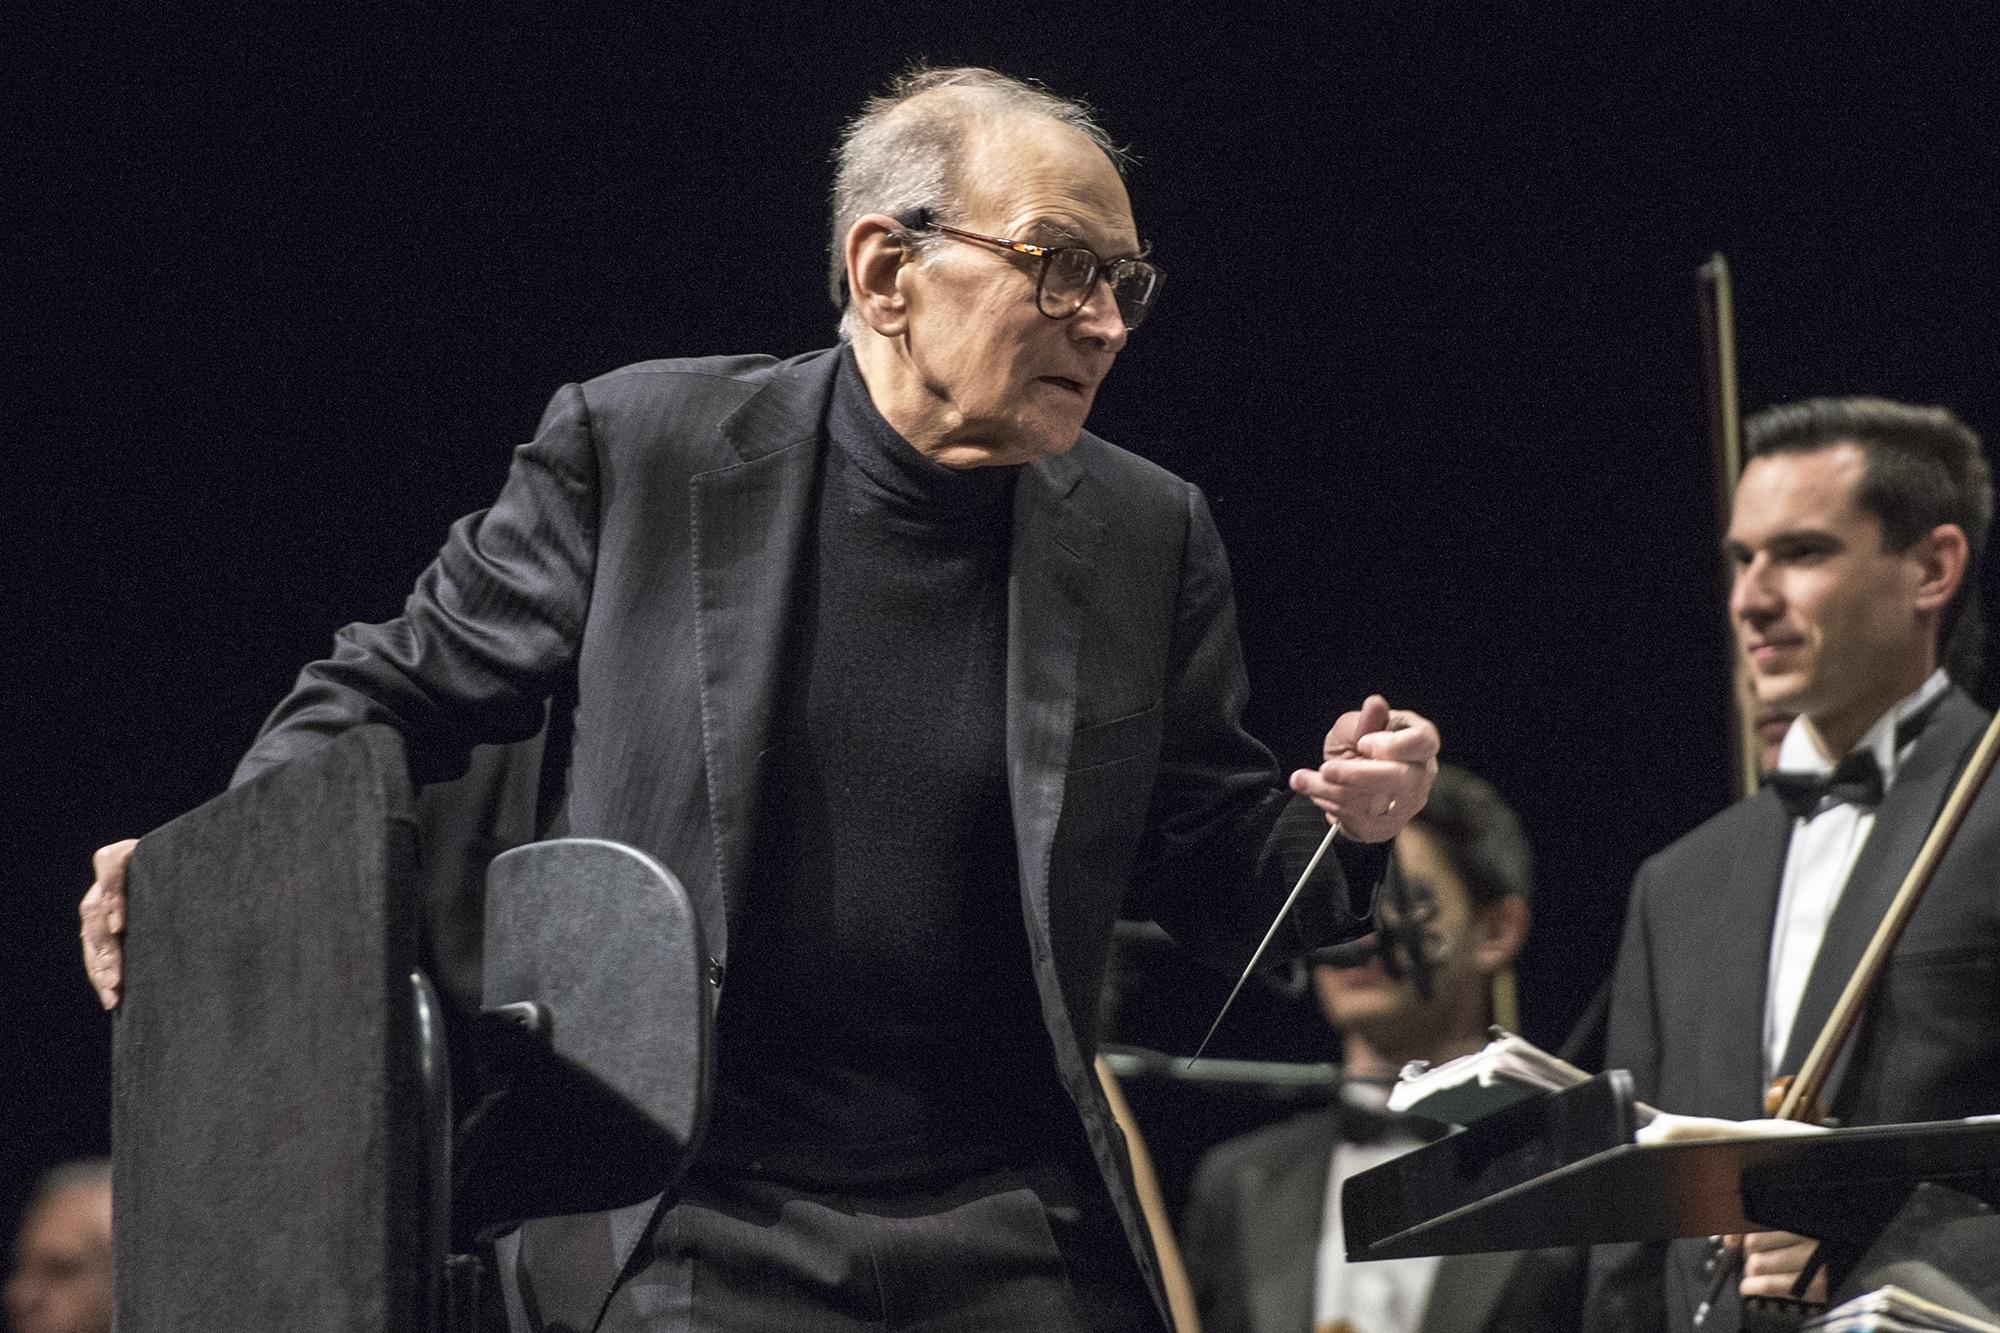 Doliu în muzica mondială! A murit Ennio Morricone